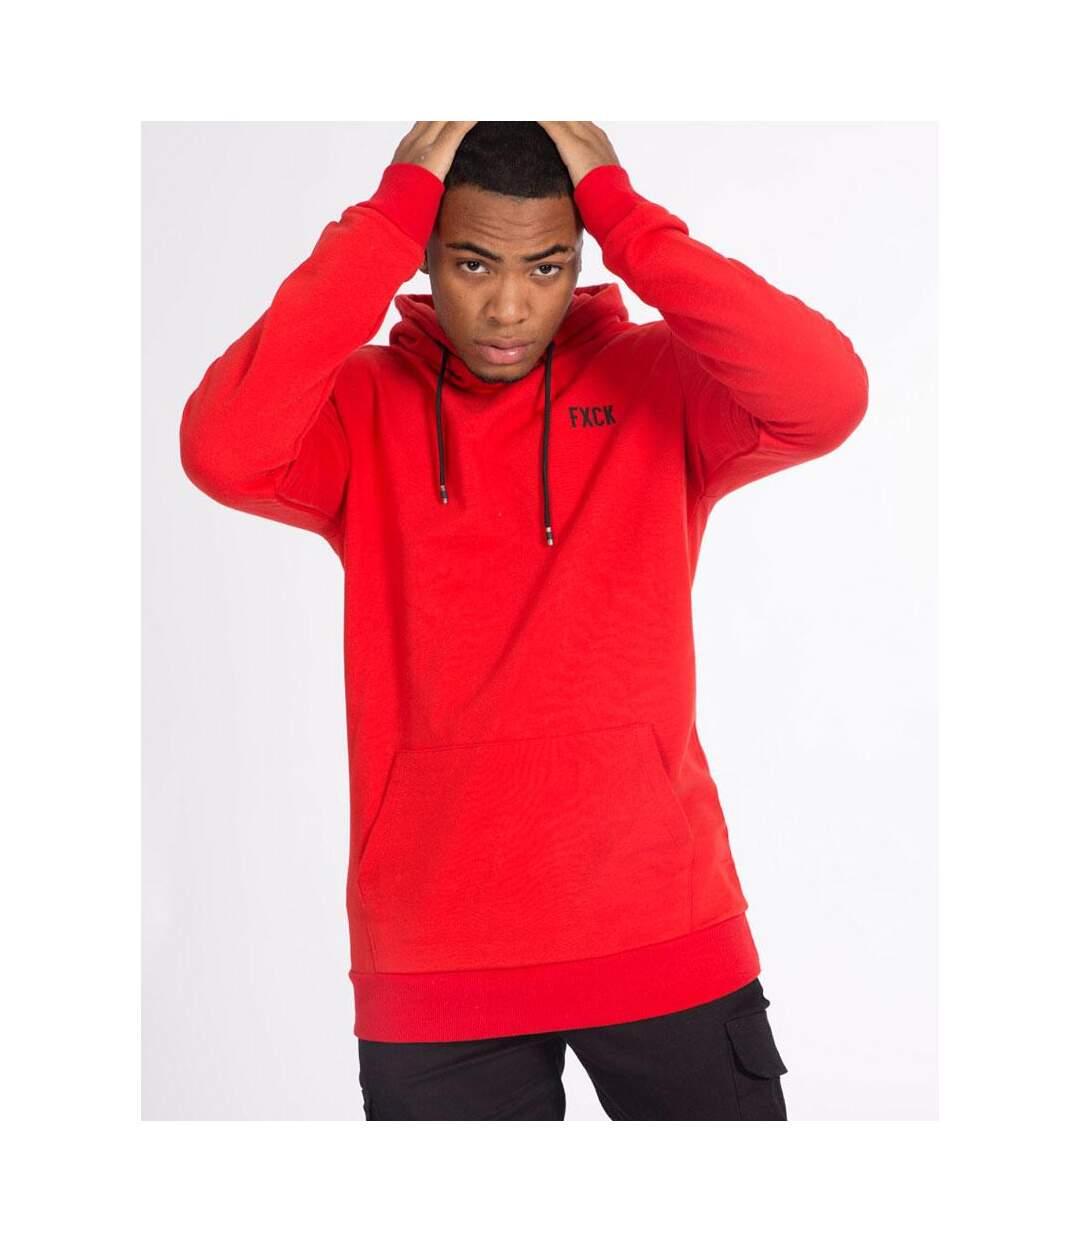 Sweat rouge à capuche et imprimé FXCK liste marque Luxe à poche ventrale pour homme